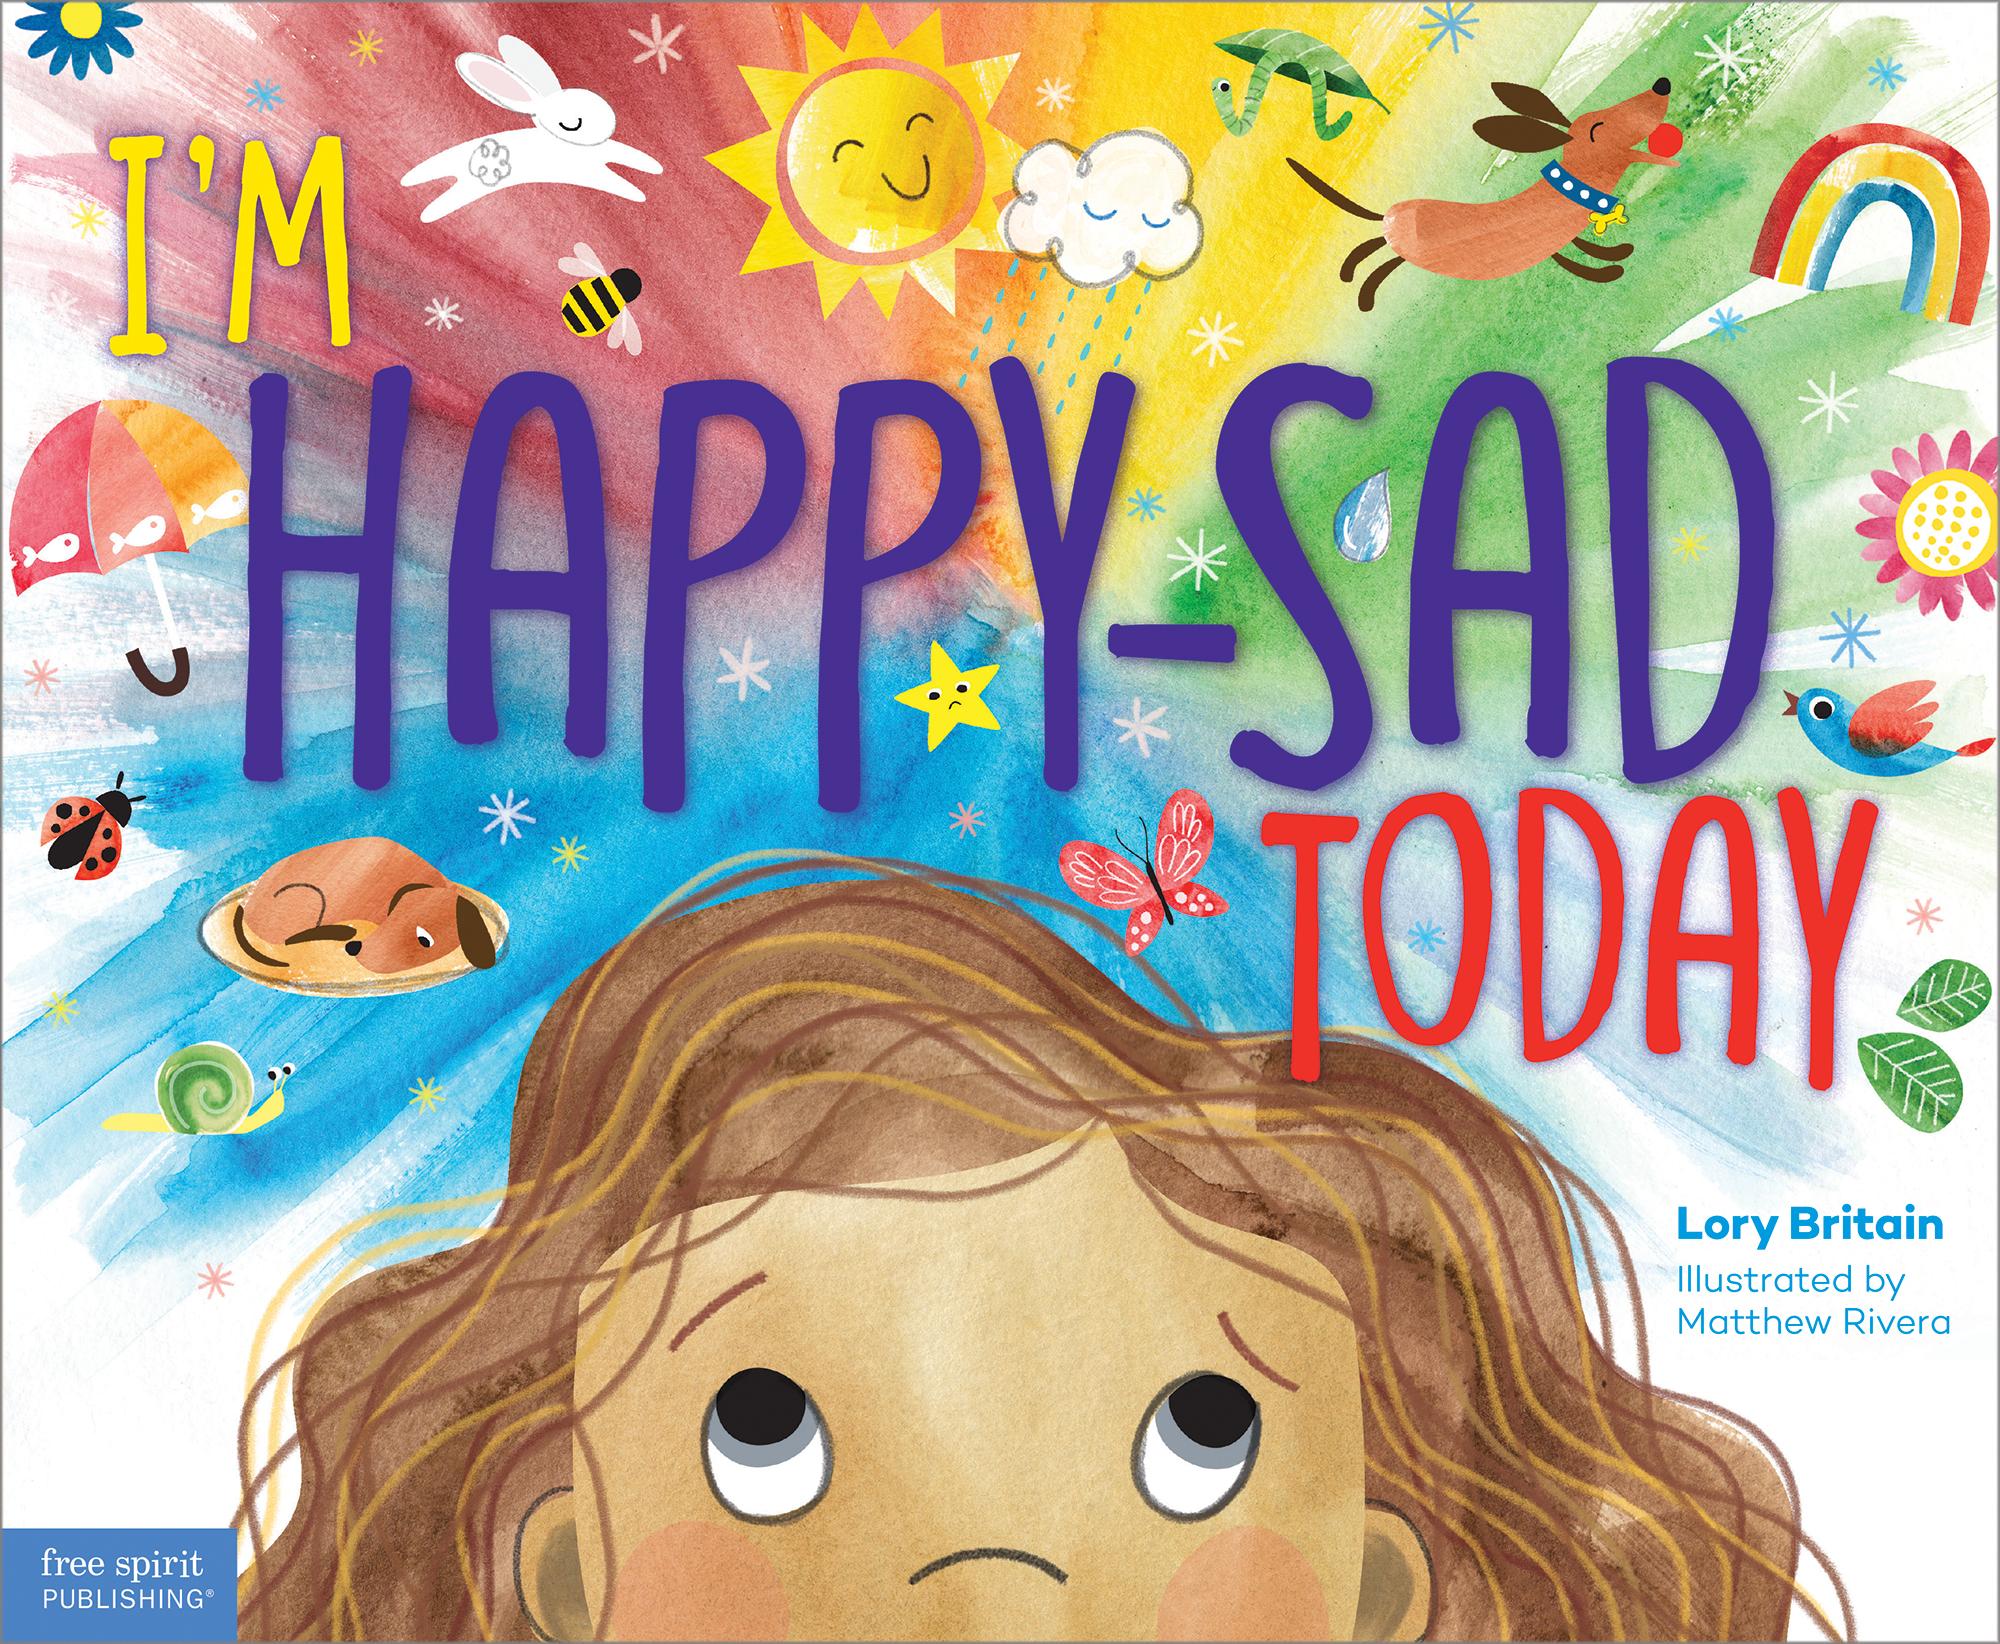 Im-Happy-Sad-Today